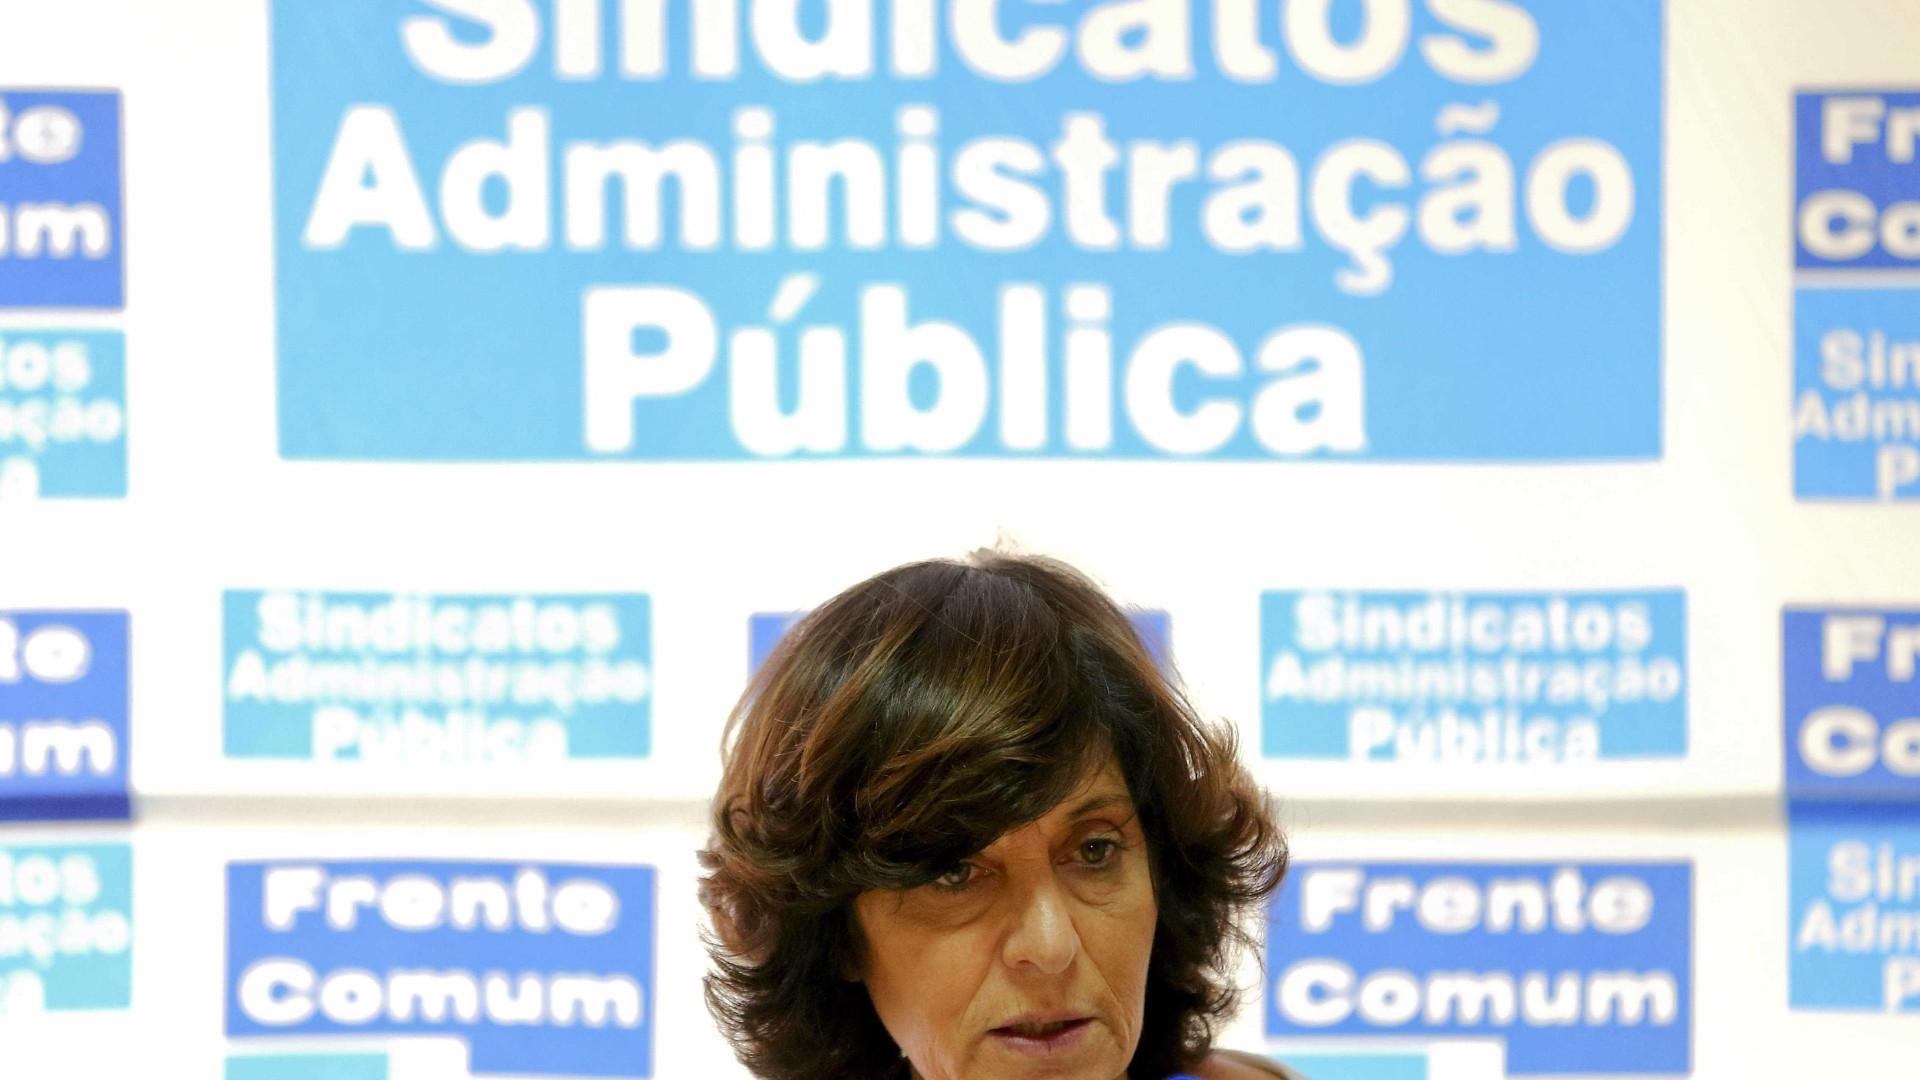 Frente Comum admite greve se Governo não propuser aumentos esta semana